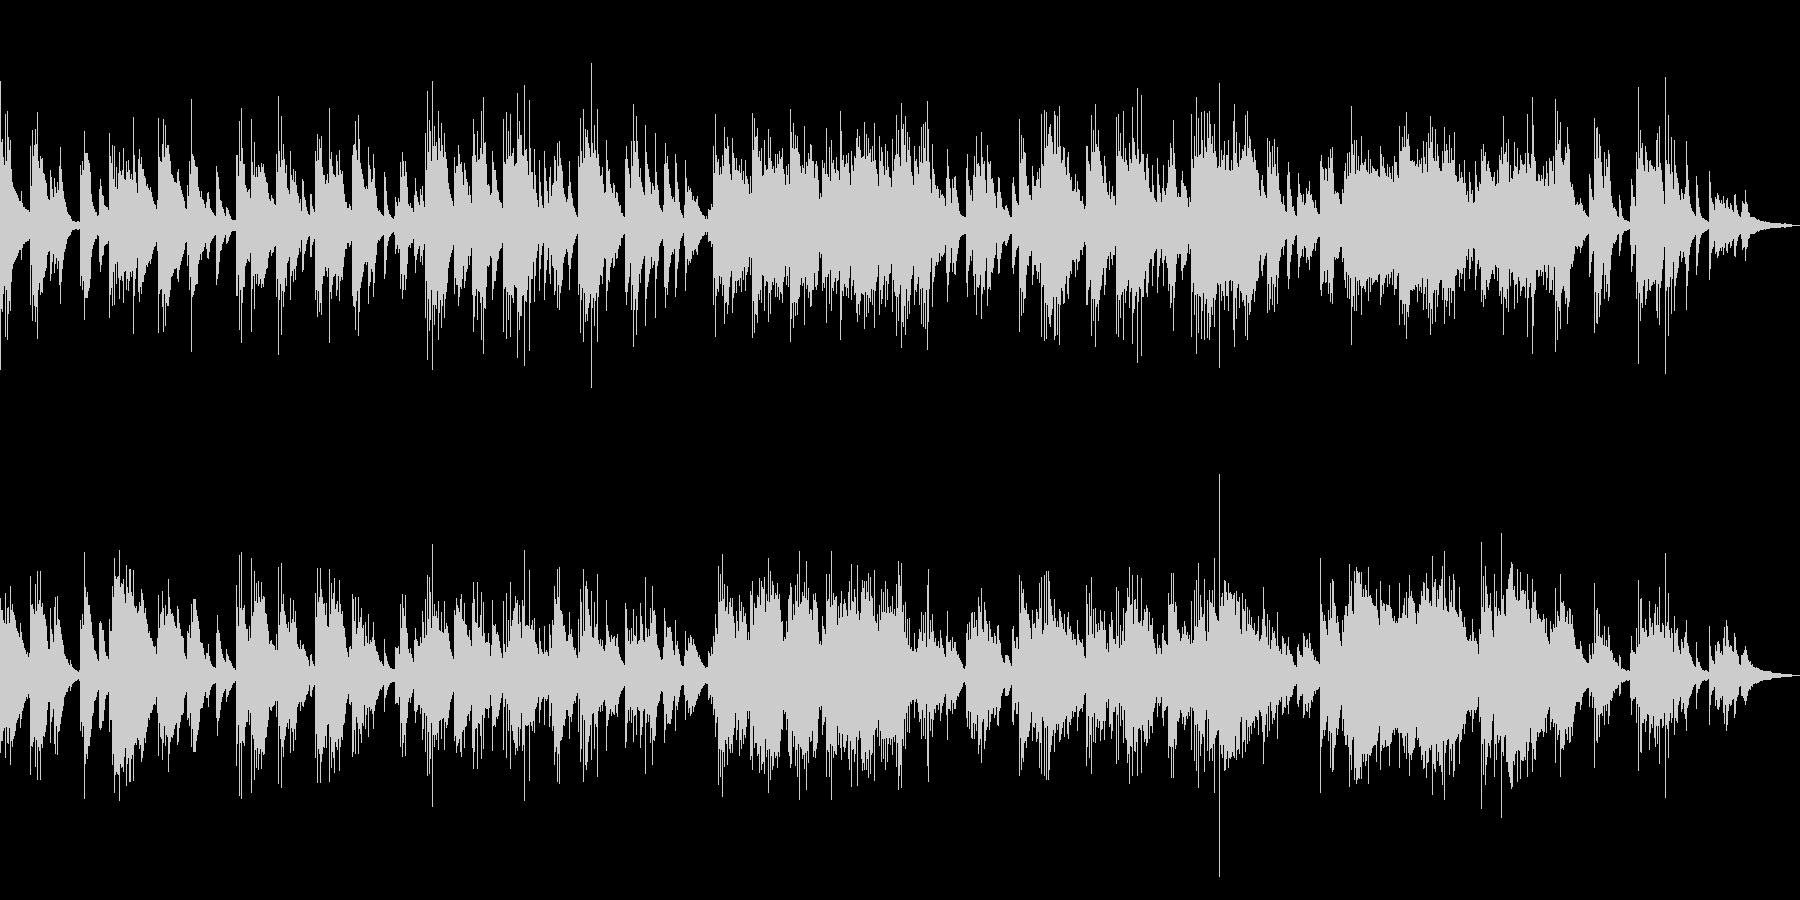 ミディアムテンポのピアノソロ曲の未再生の波形